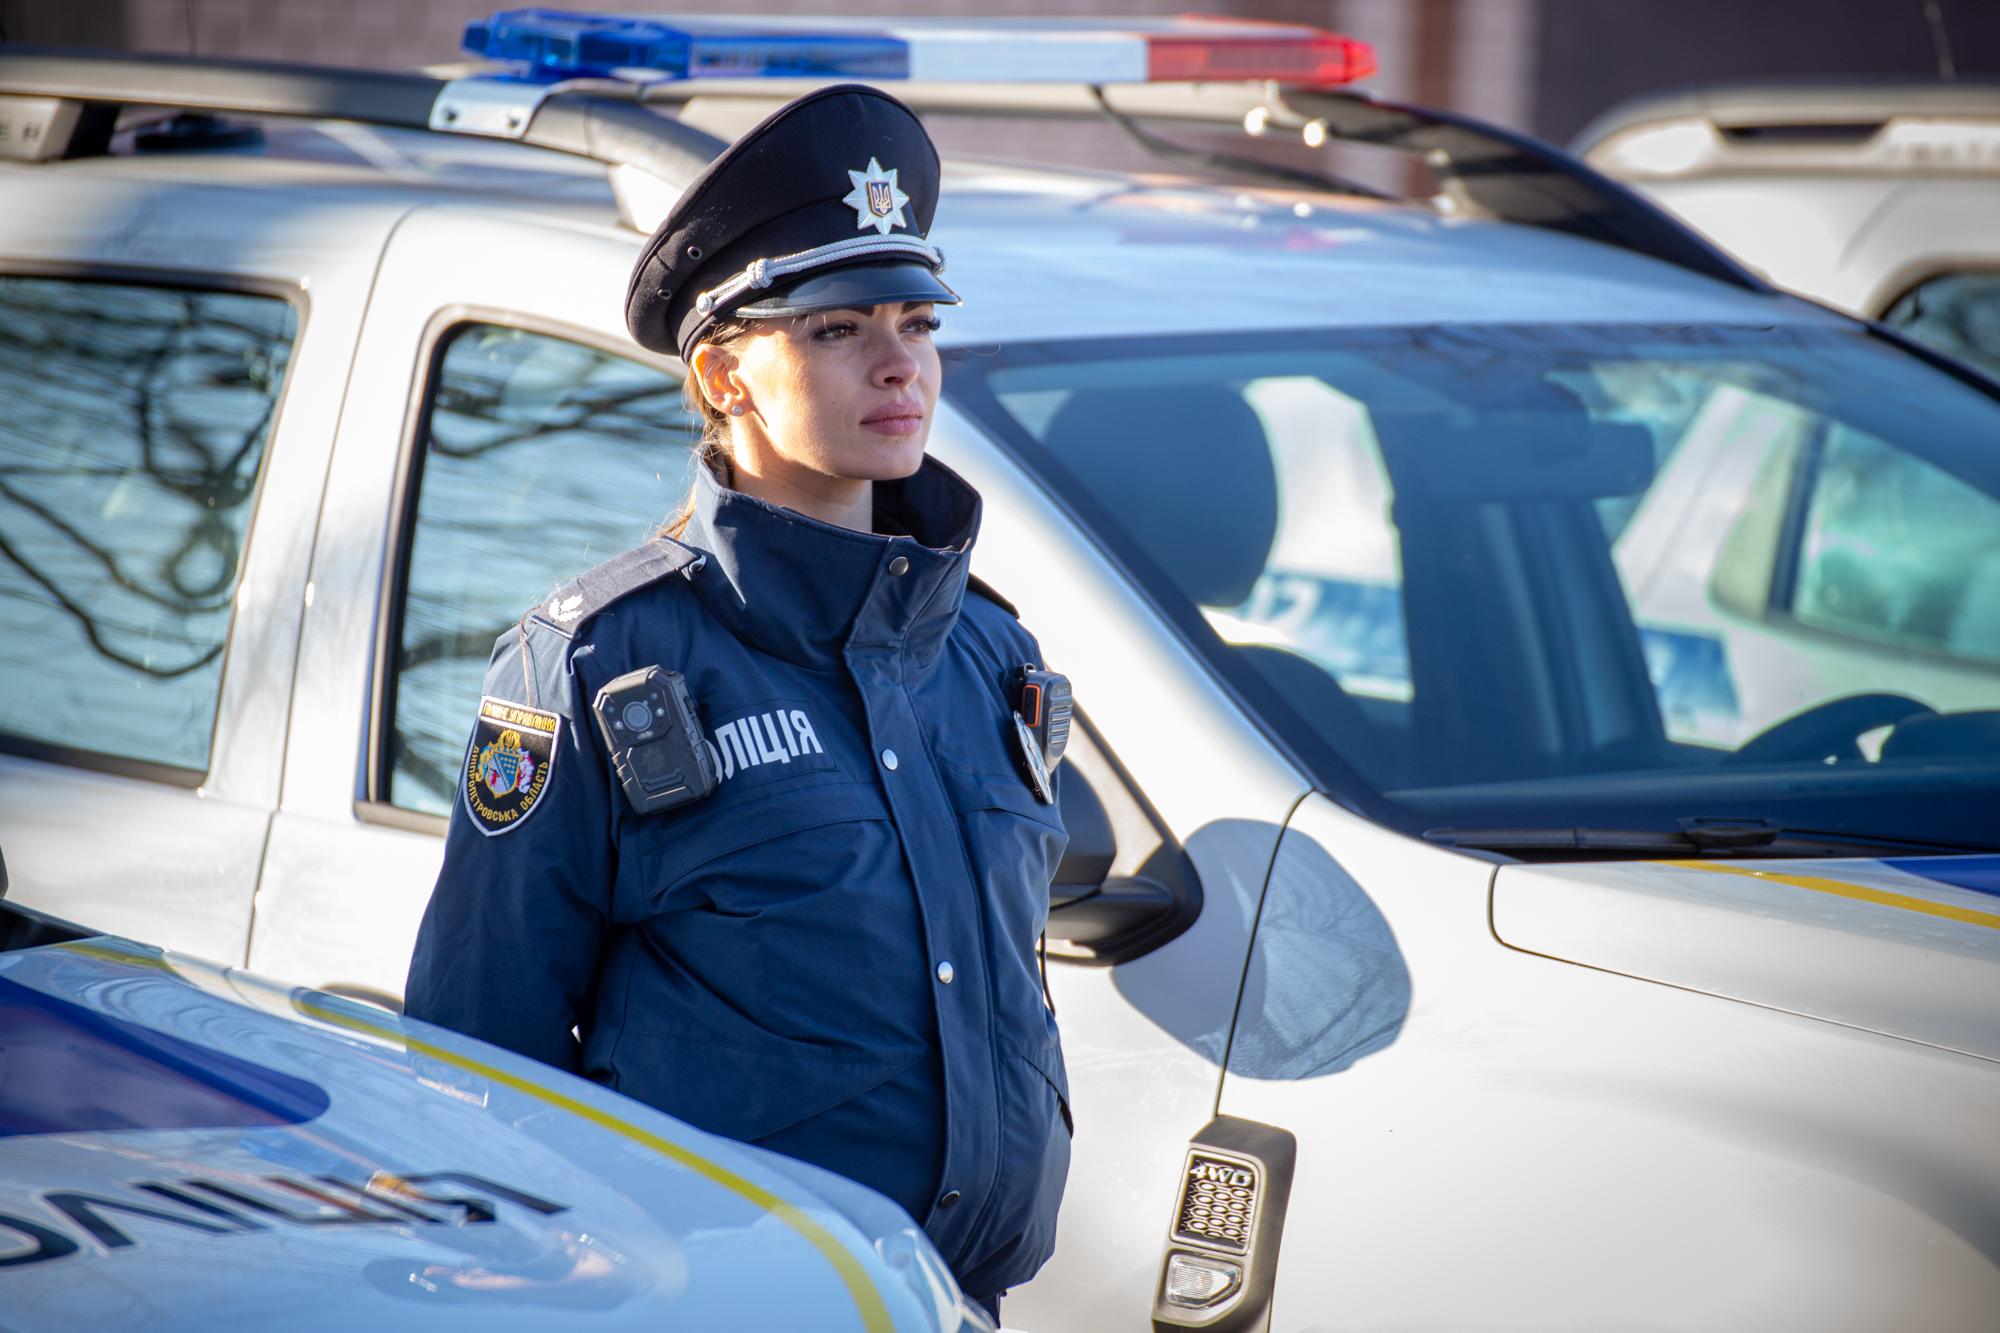 Поліцейські забезпечуватимуть спокій у 20 ОТГ області